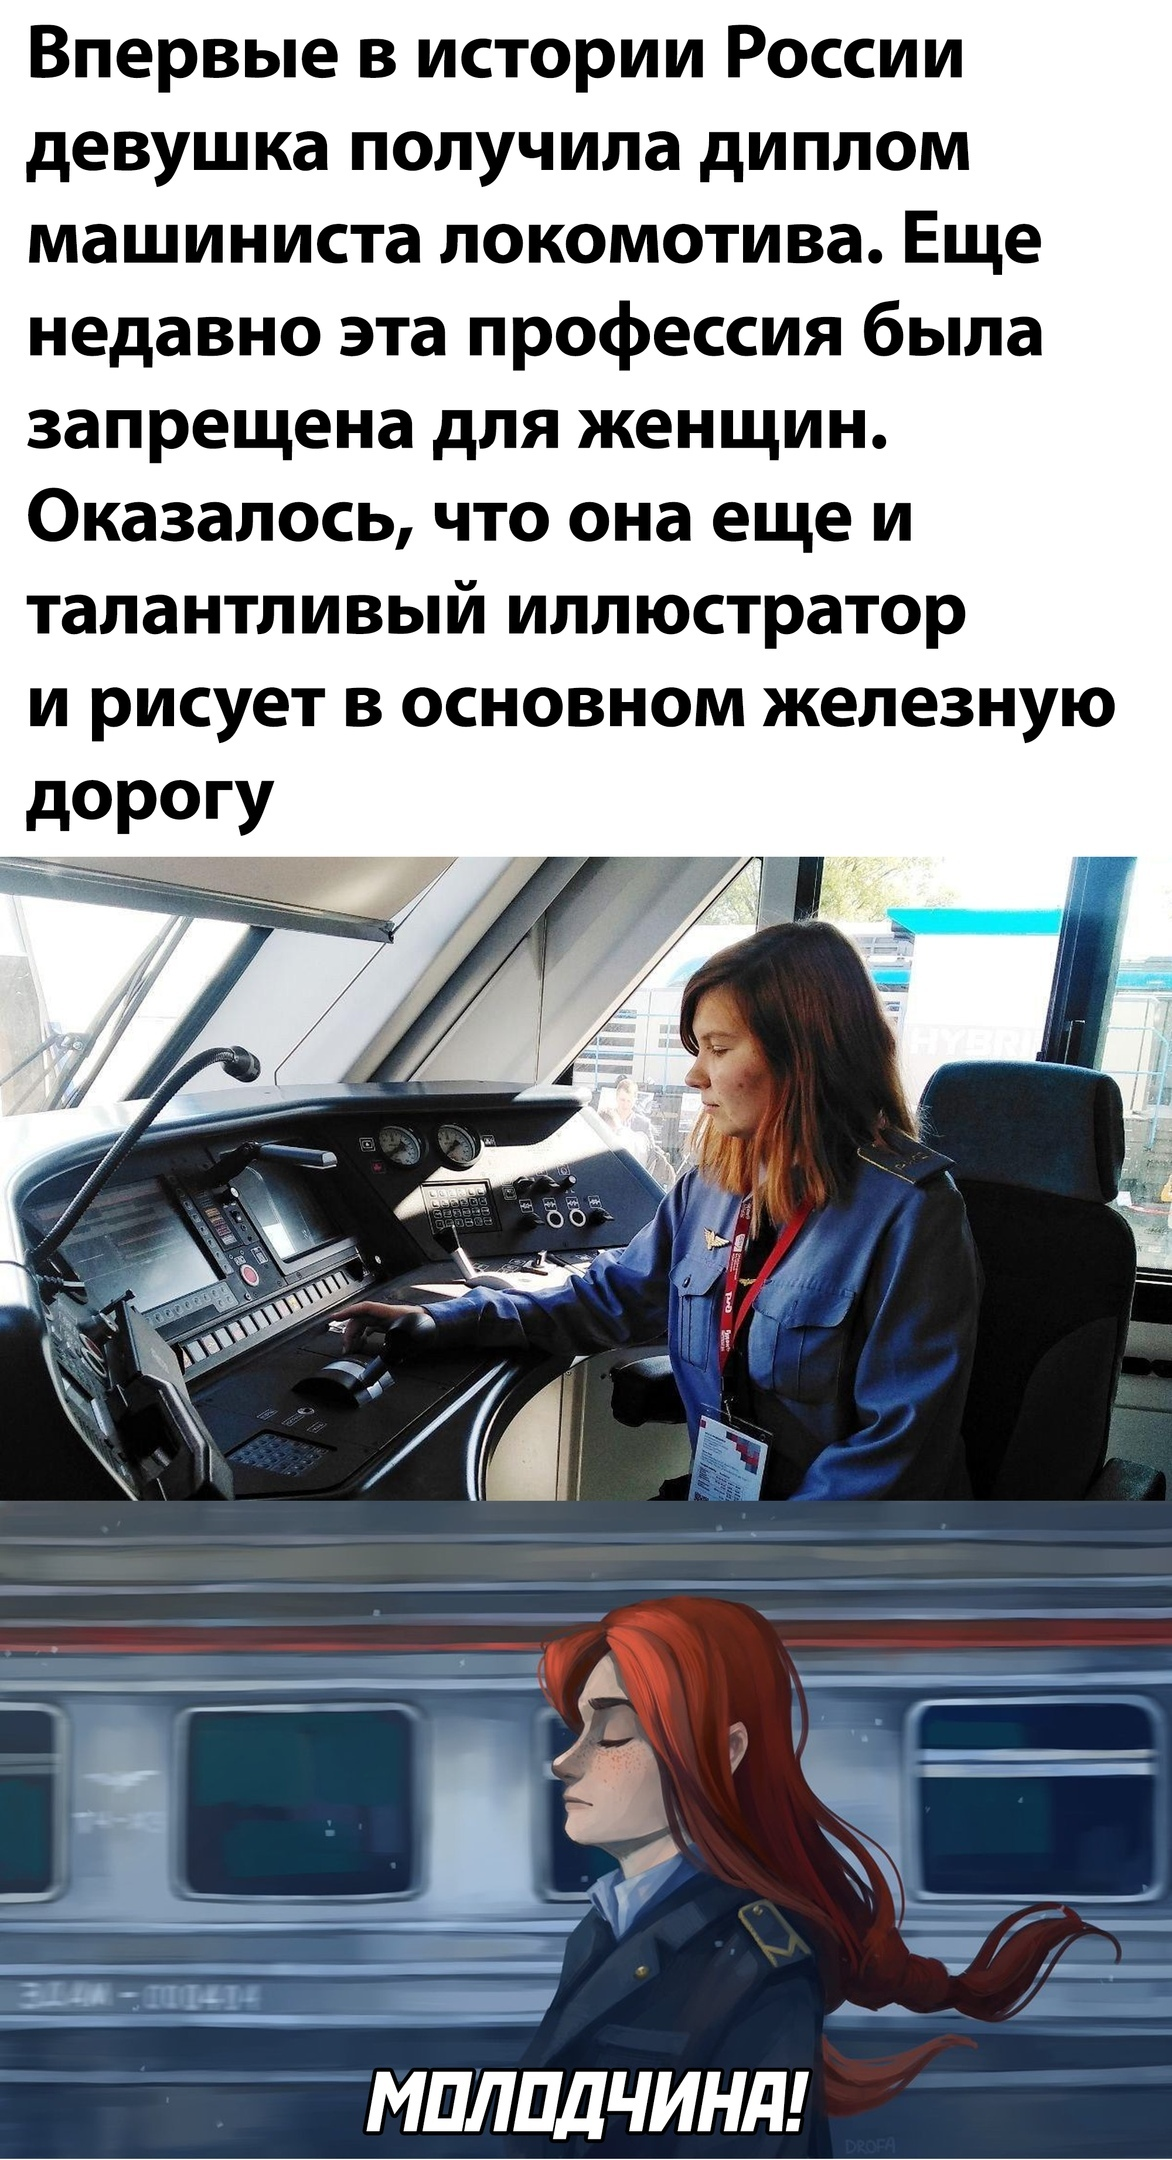 Девушки на железной дороге работа что делать девушке если нет работы